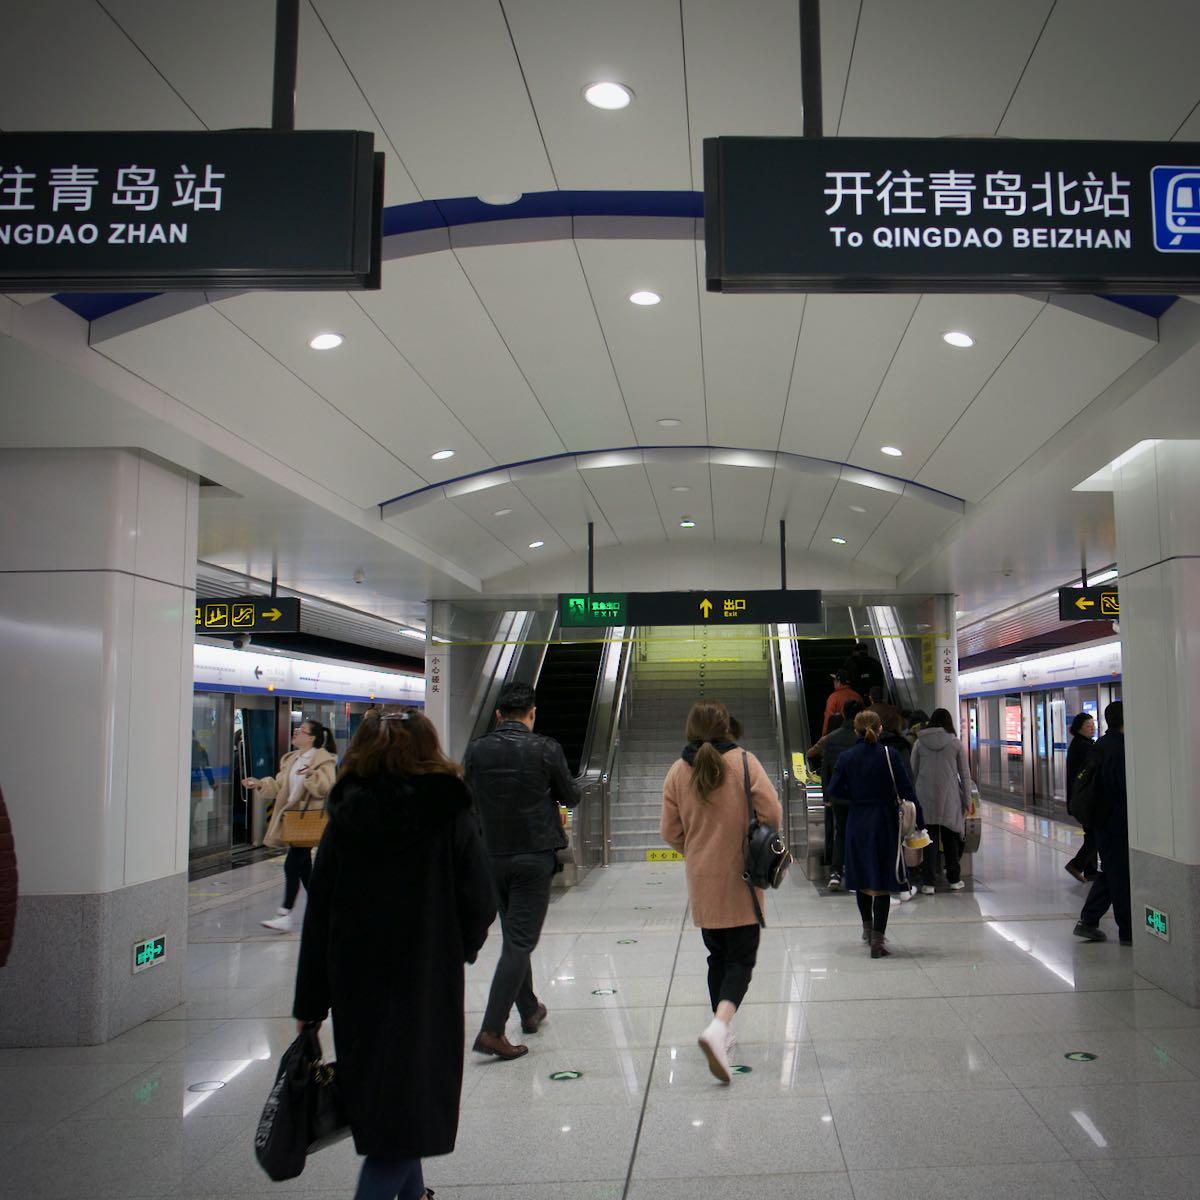 五四广场站のホーム DMC-GX8 + LEICA DG 12-60mm